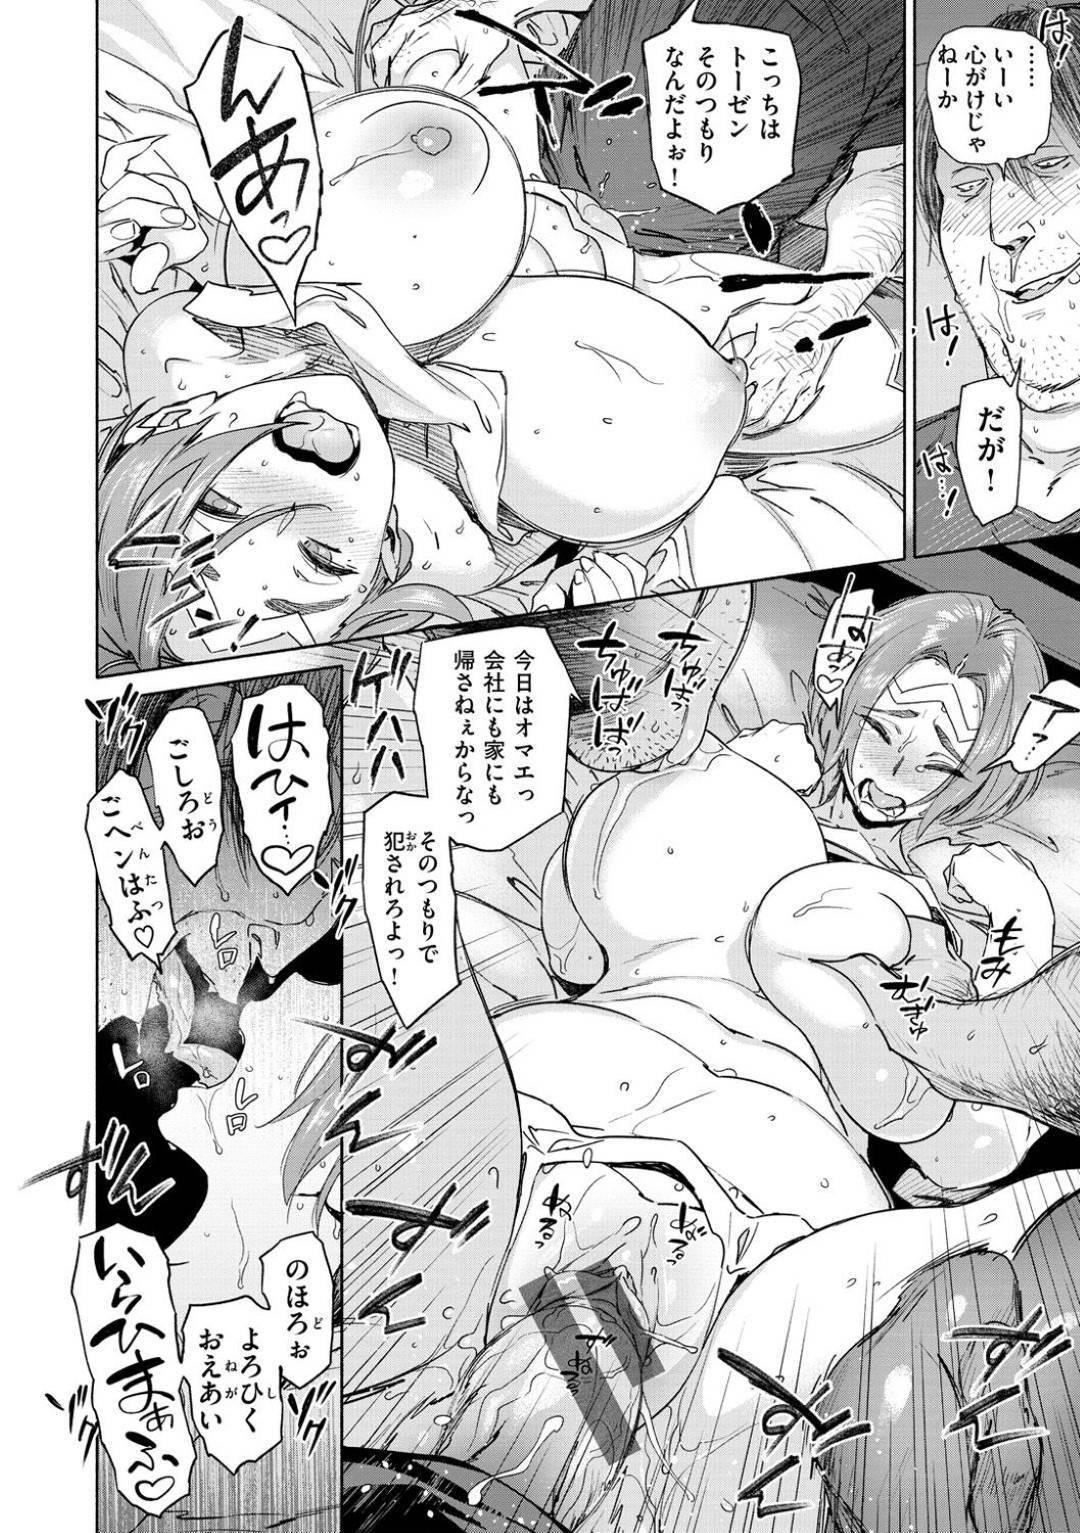 【エロ漫画】キモいオジサンのクレーム処理のために合法セックスしちゃう爆乳美女…ディープキスされちゃったり乳首責めをされたりして筆下ろしの中出しセックスをしちゃう!【ボボボ:くらいしす/203X】